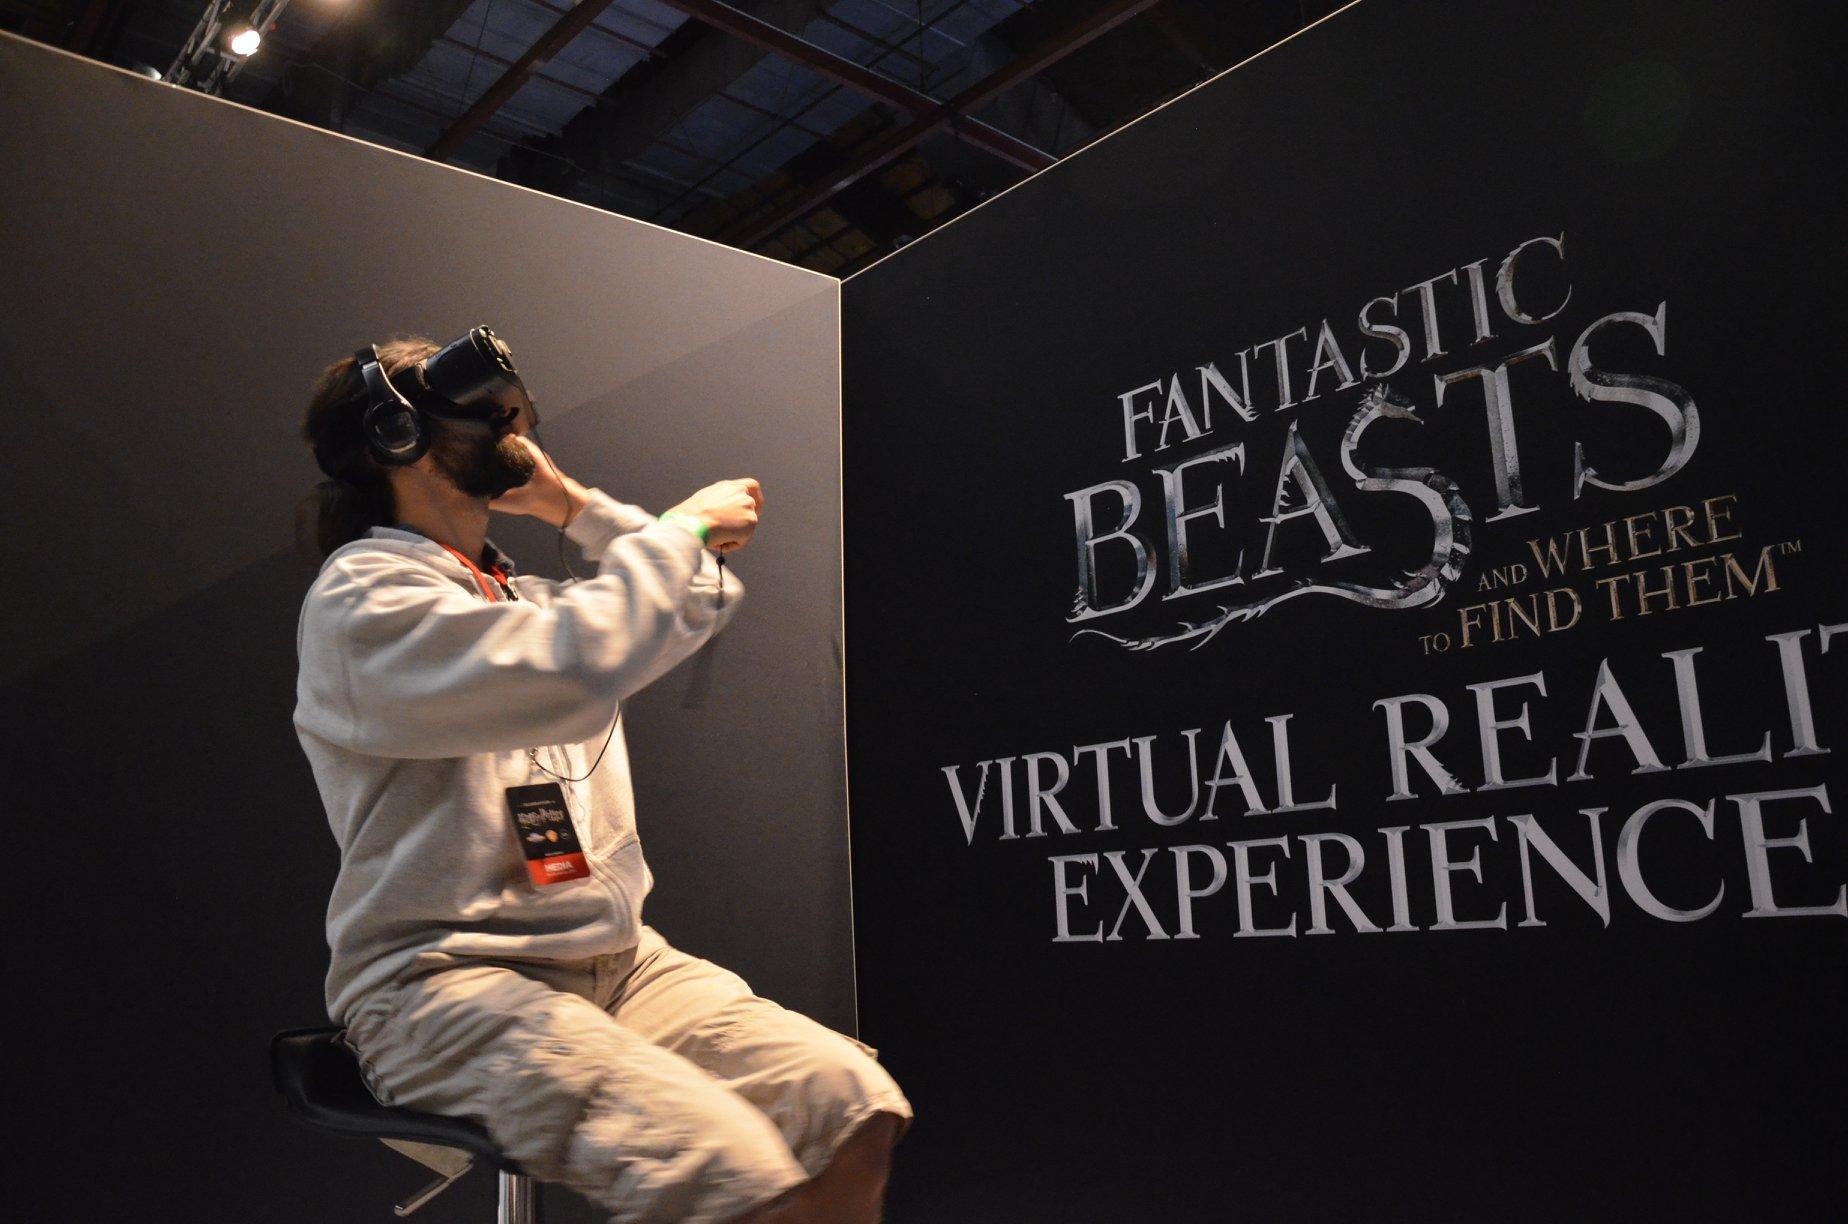 Exclusif : On a visité la valise de Newt en réalité virtuelle aux célébrations Harry Potter